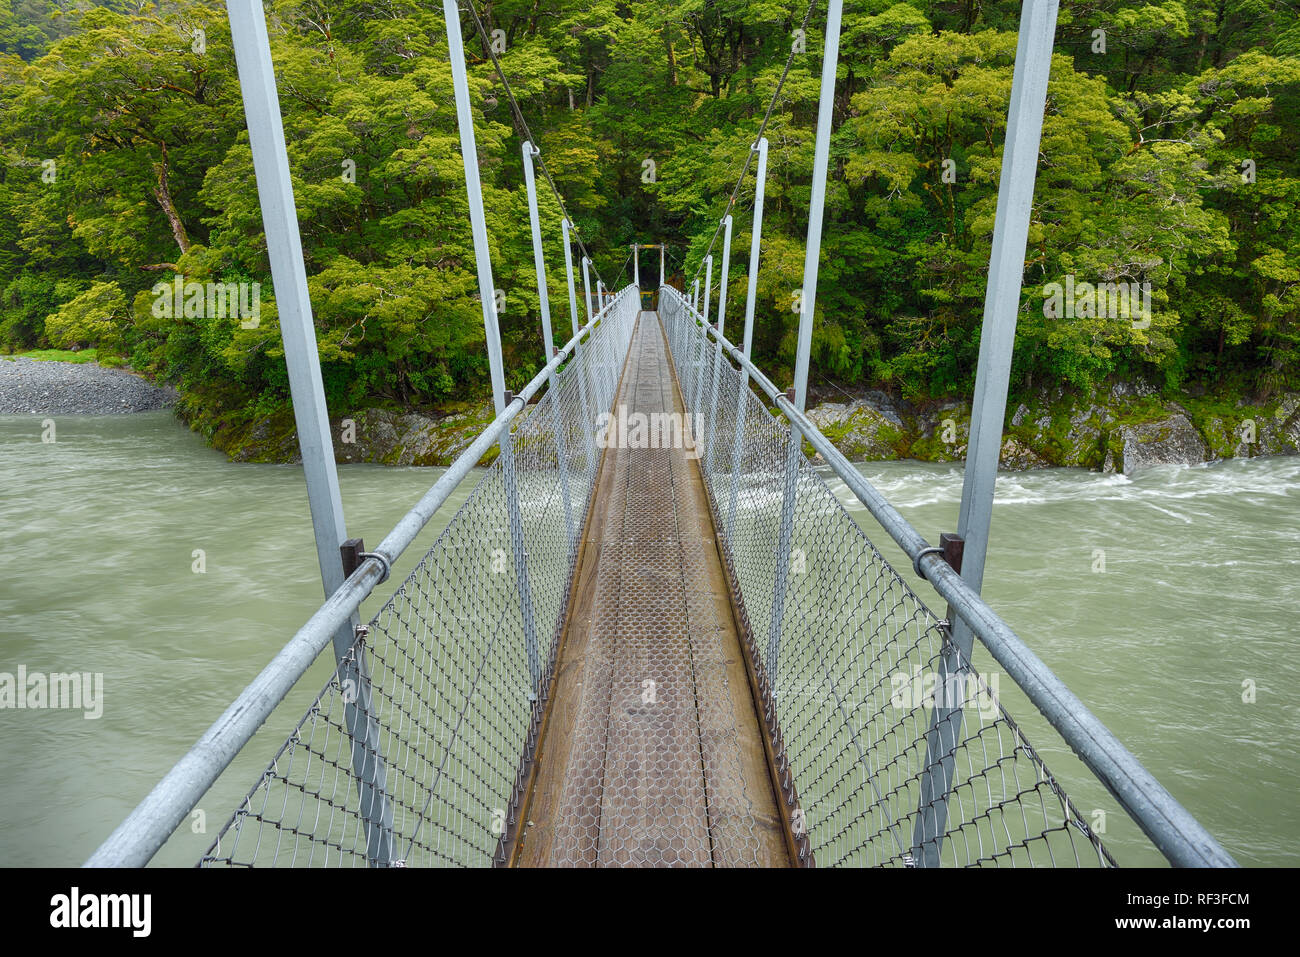 Puente sobre el río, cerca de la autopista Makarora Haast, Isla del Sur, Nueva Zelanda Foto de stock